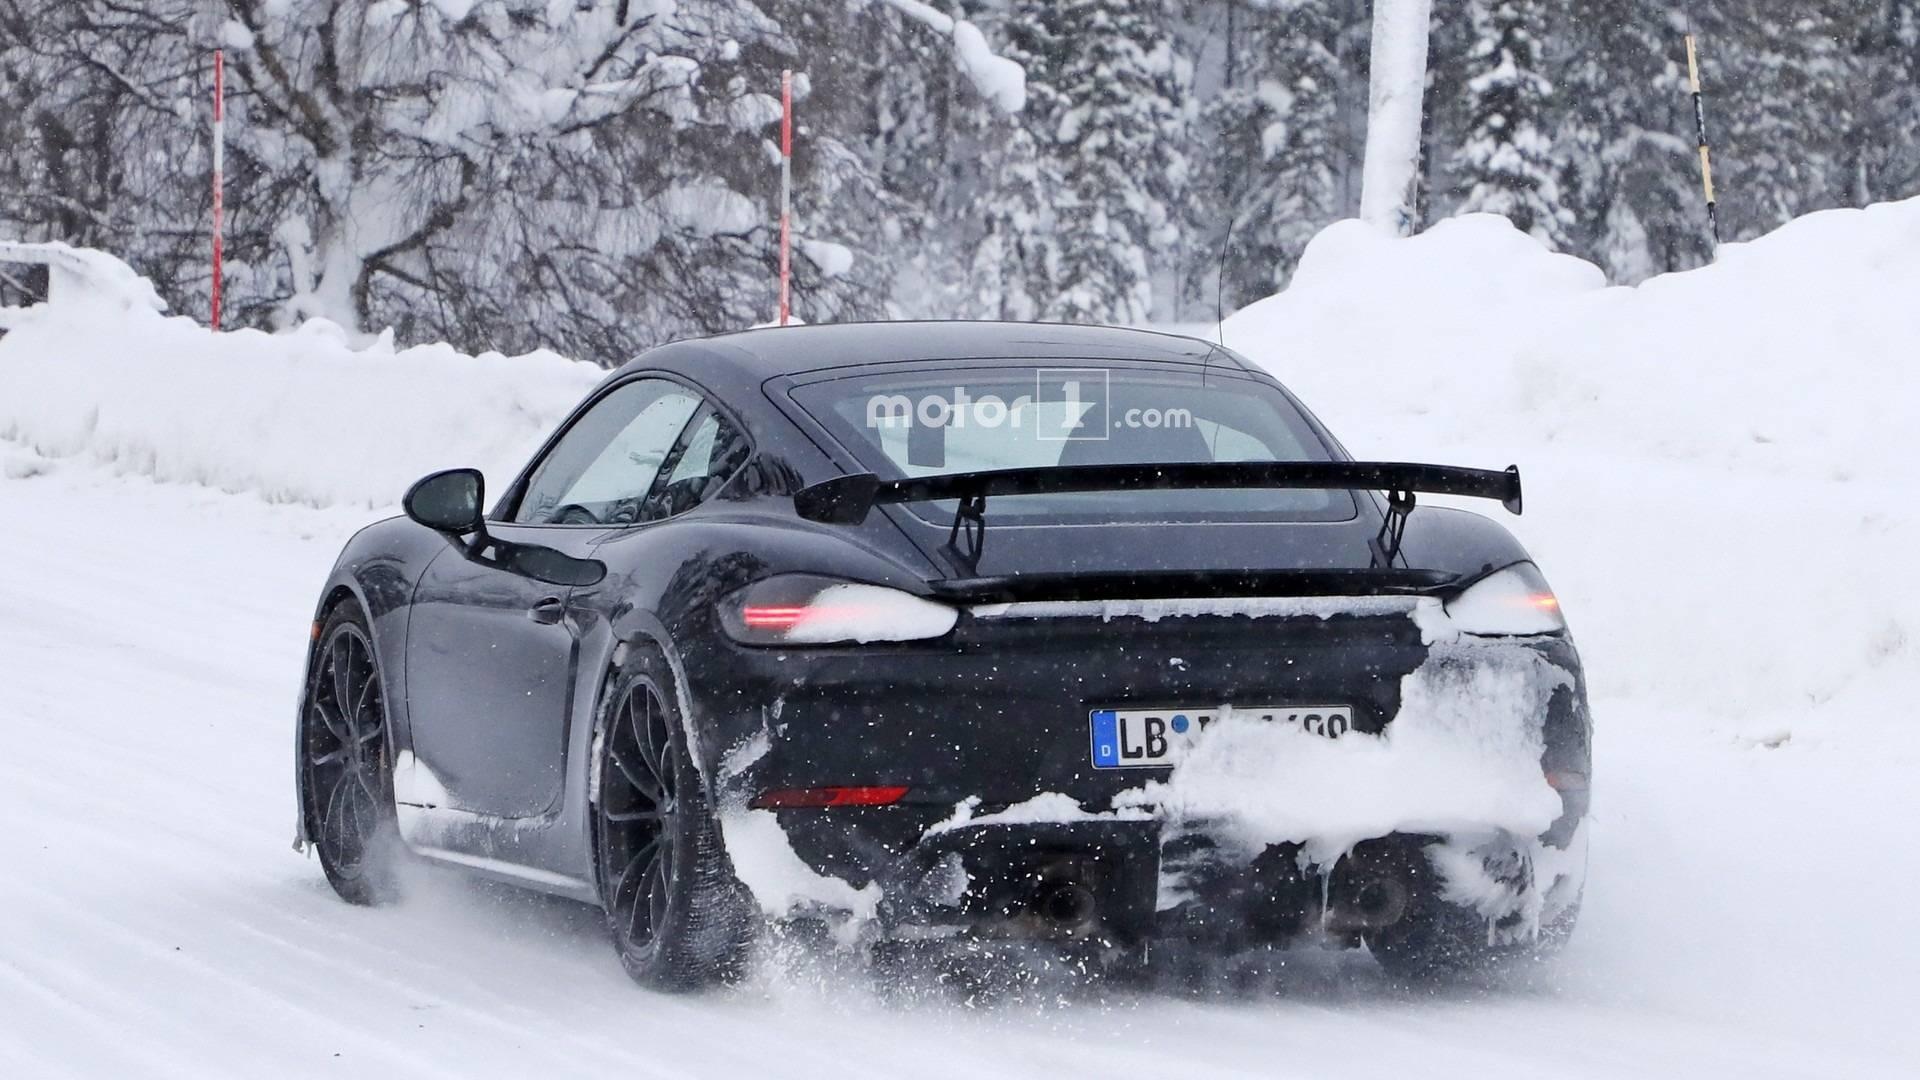 پورشه 718 کیمن GT4 - اجاره ماشین - اجاره خودرو - کرایه ماشین